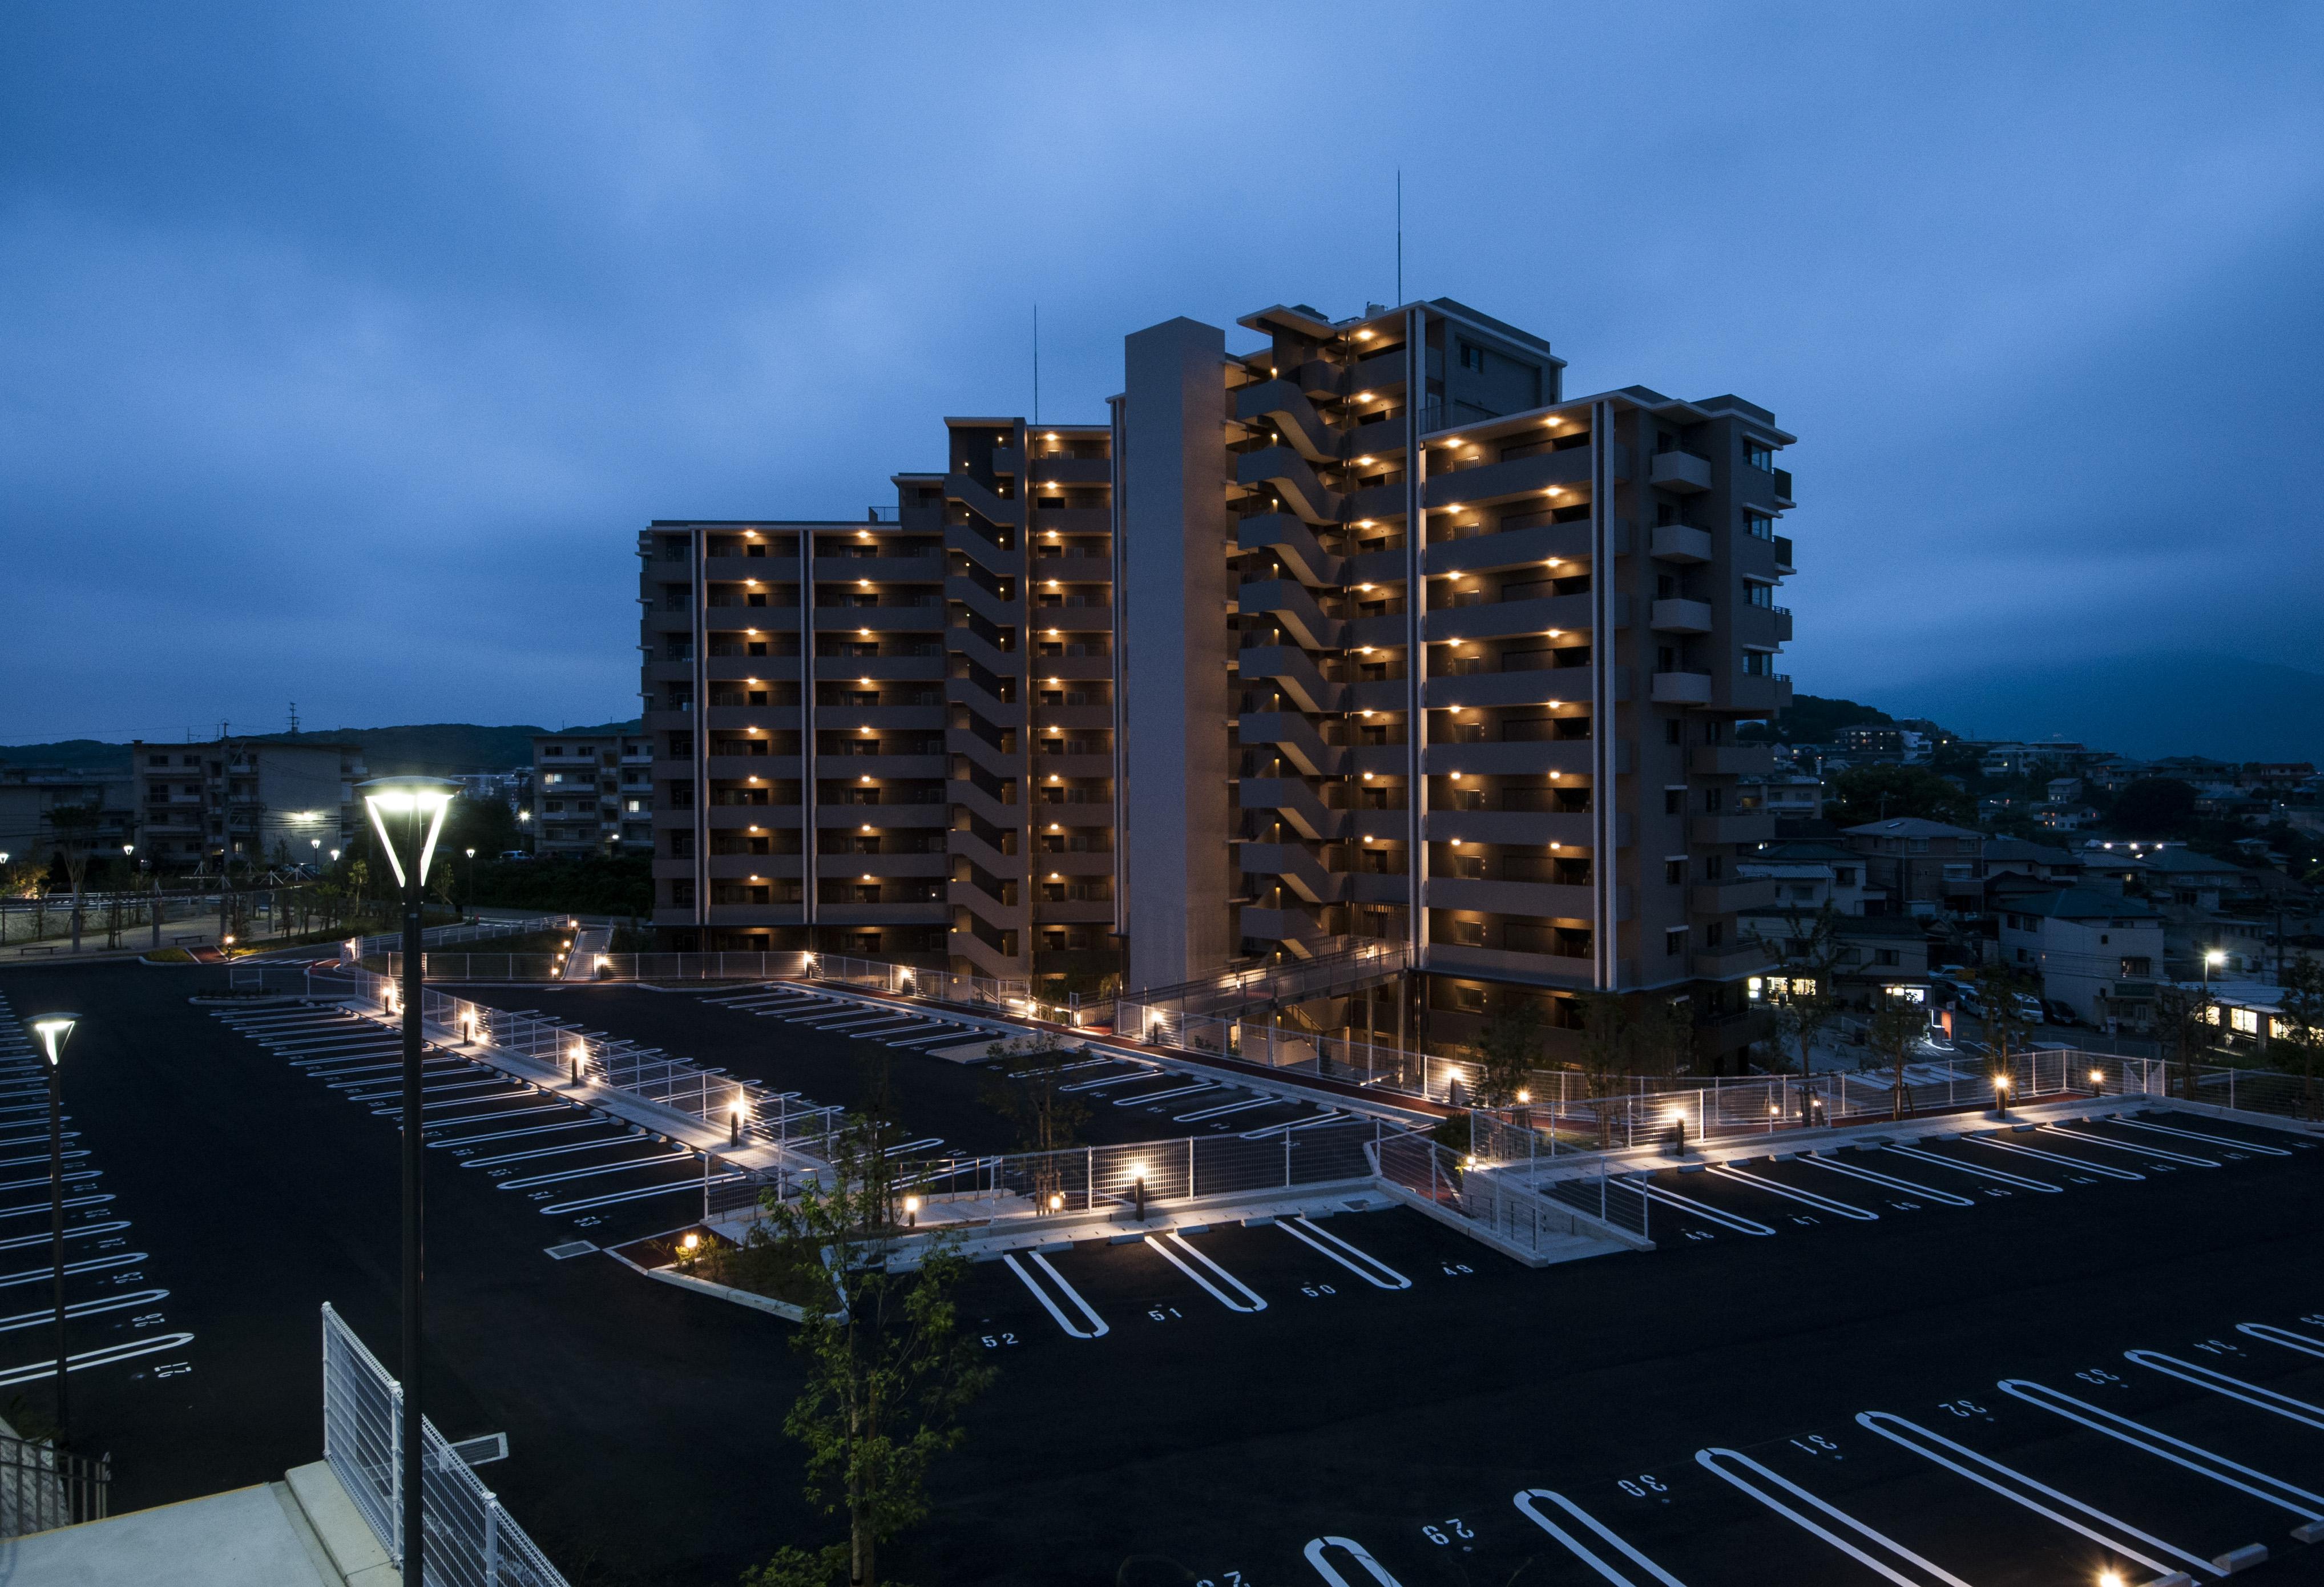 平成28年度 福岡県住宅供給公社 クラシオン小笹山手3番館建設工事